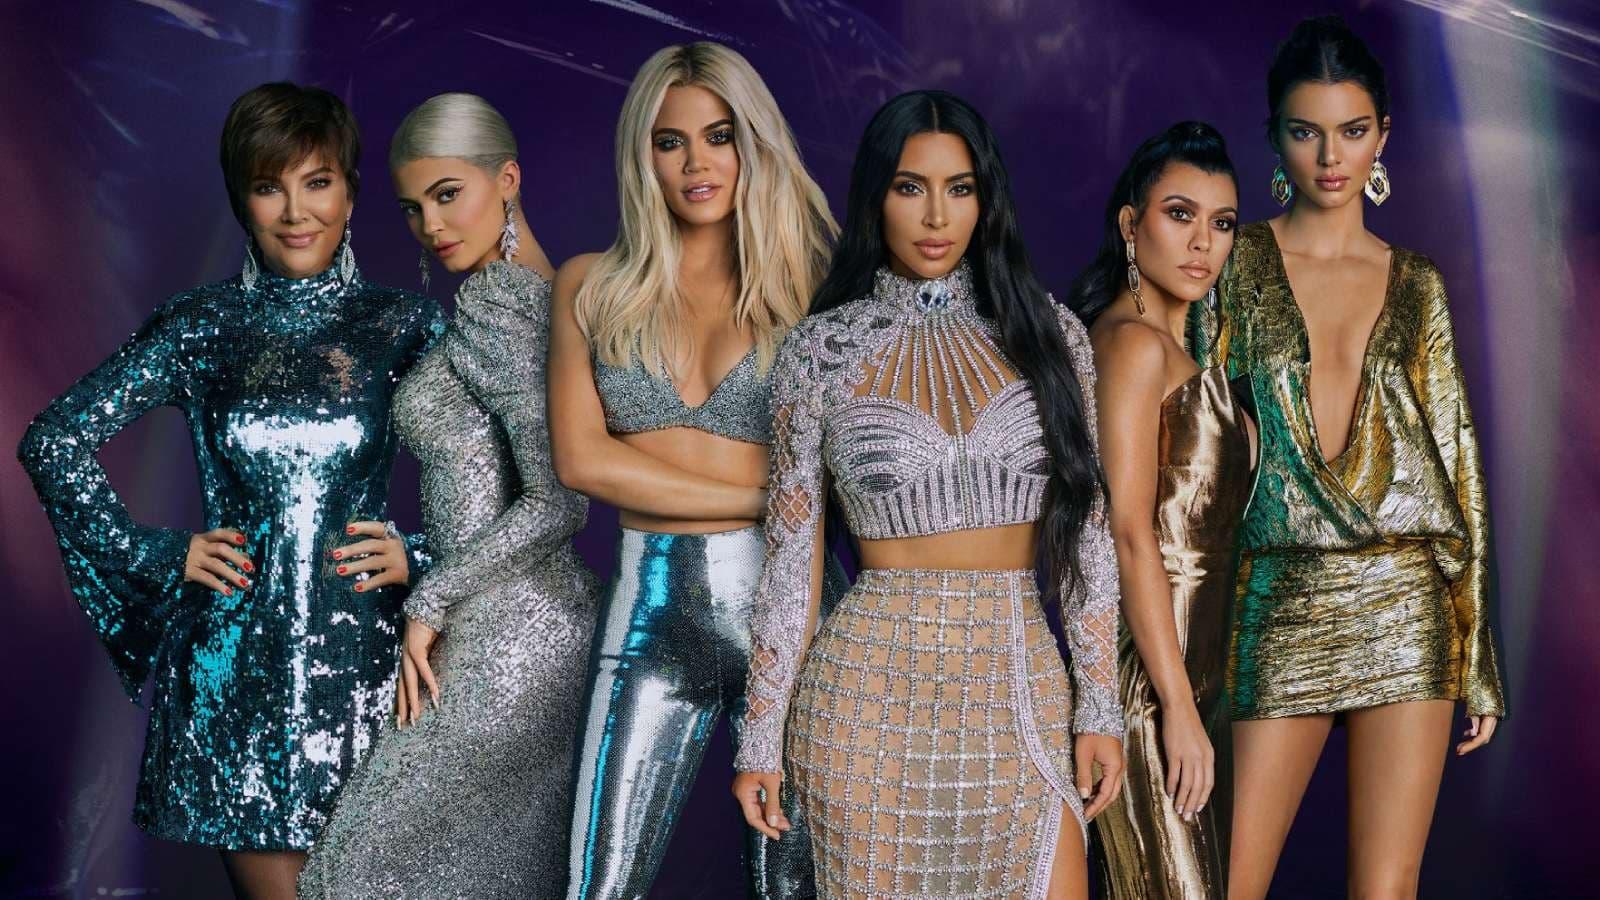 Tous les épisodes des Kardashian sont à découvrir en Replay sur E!